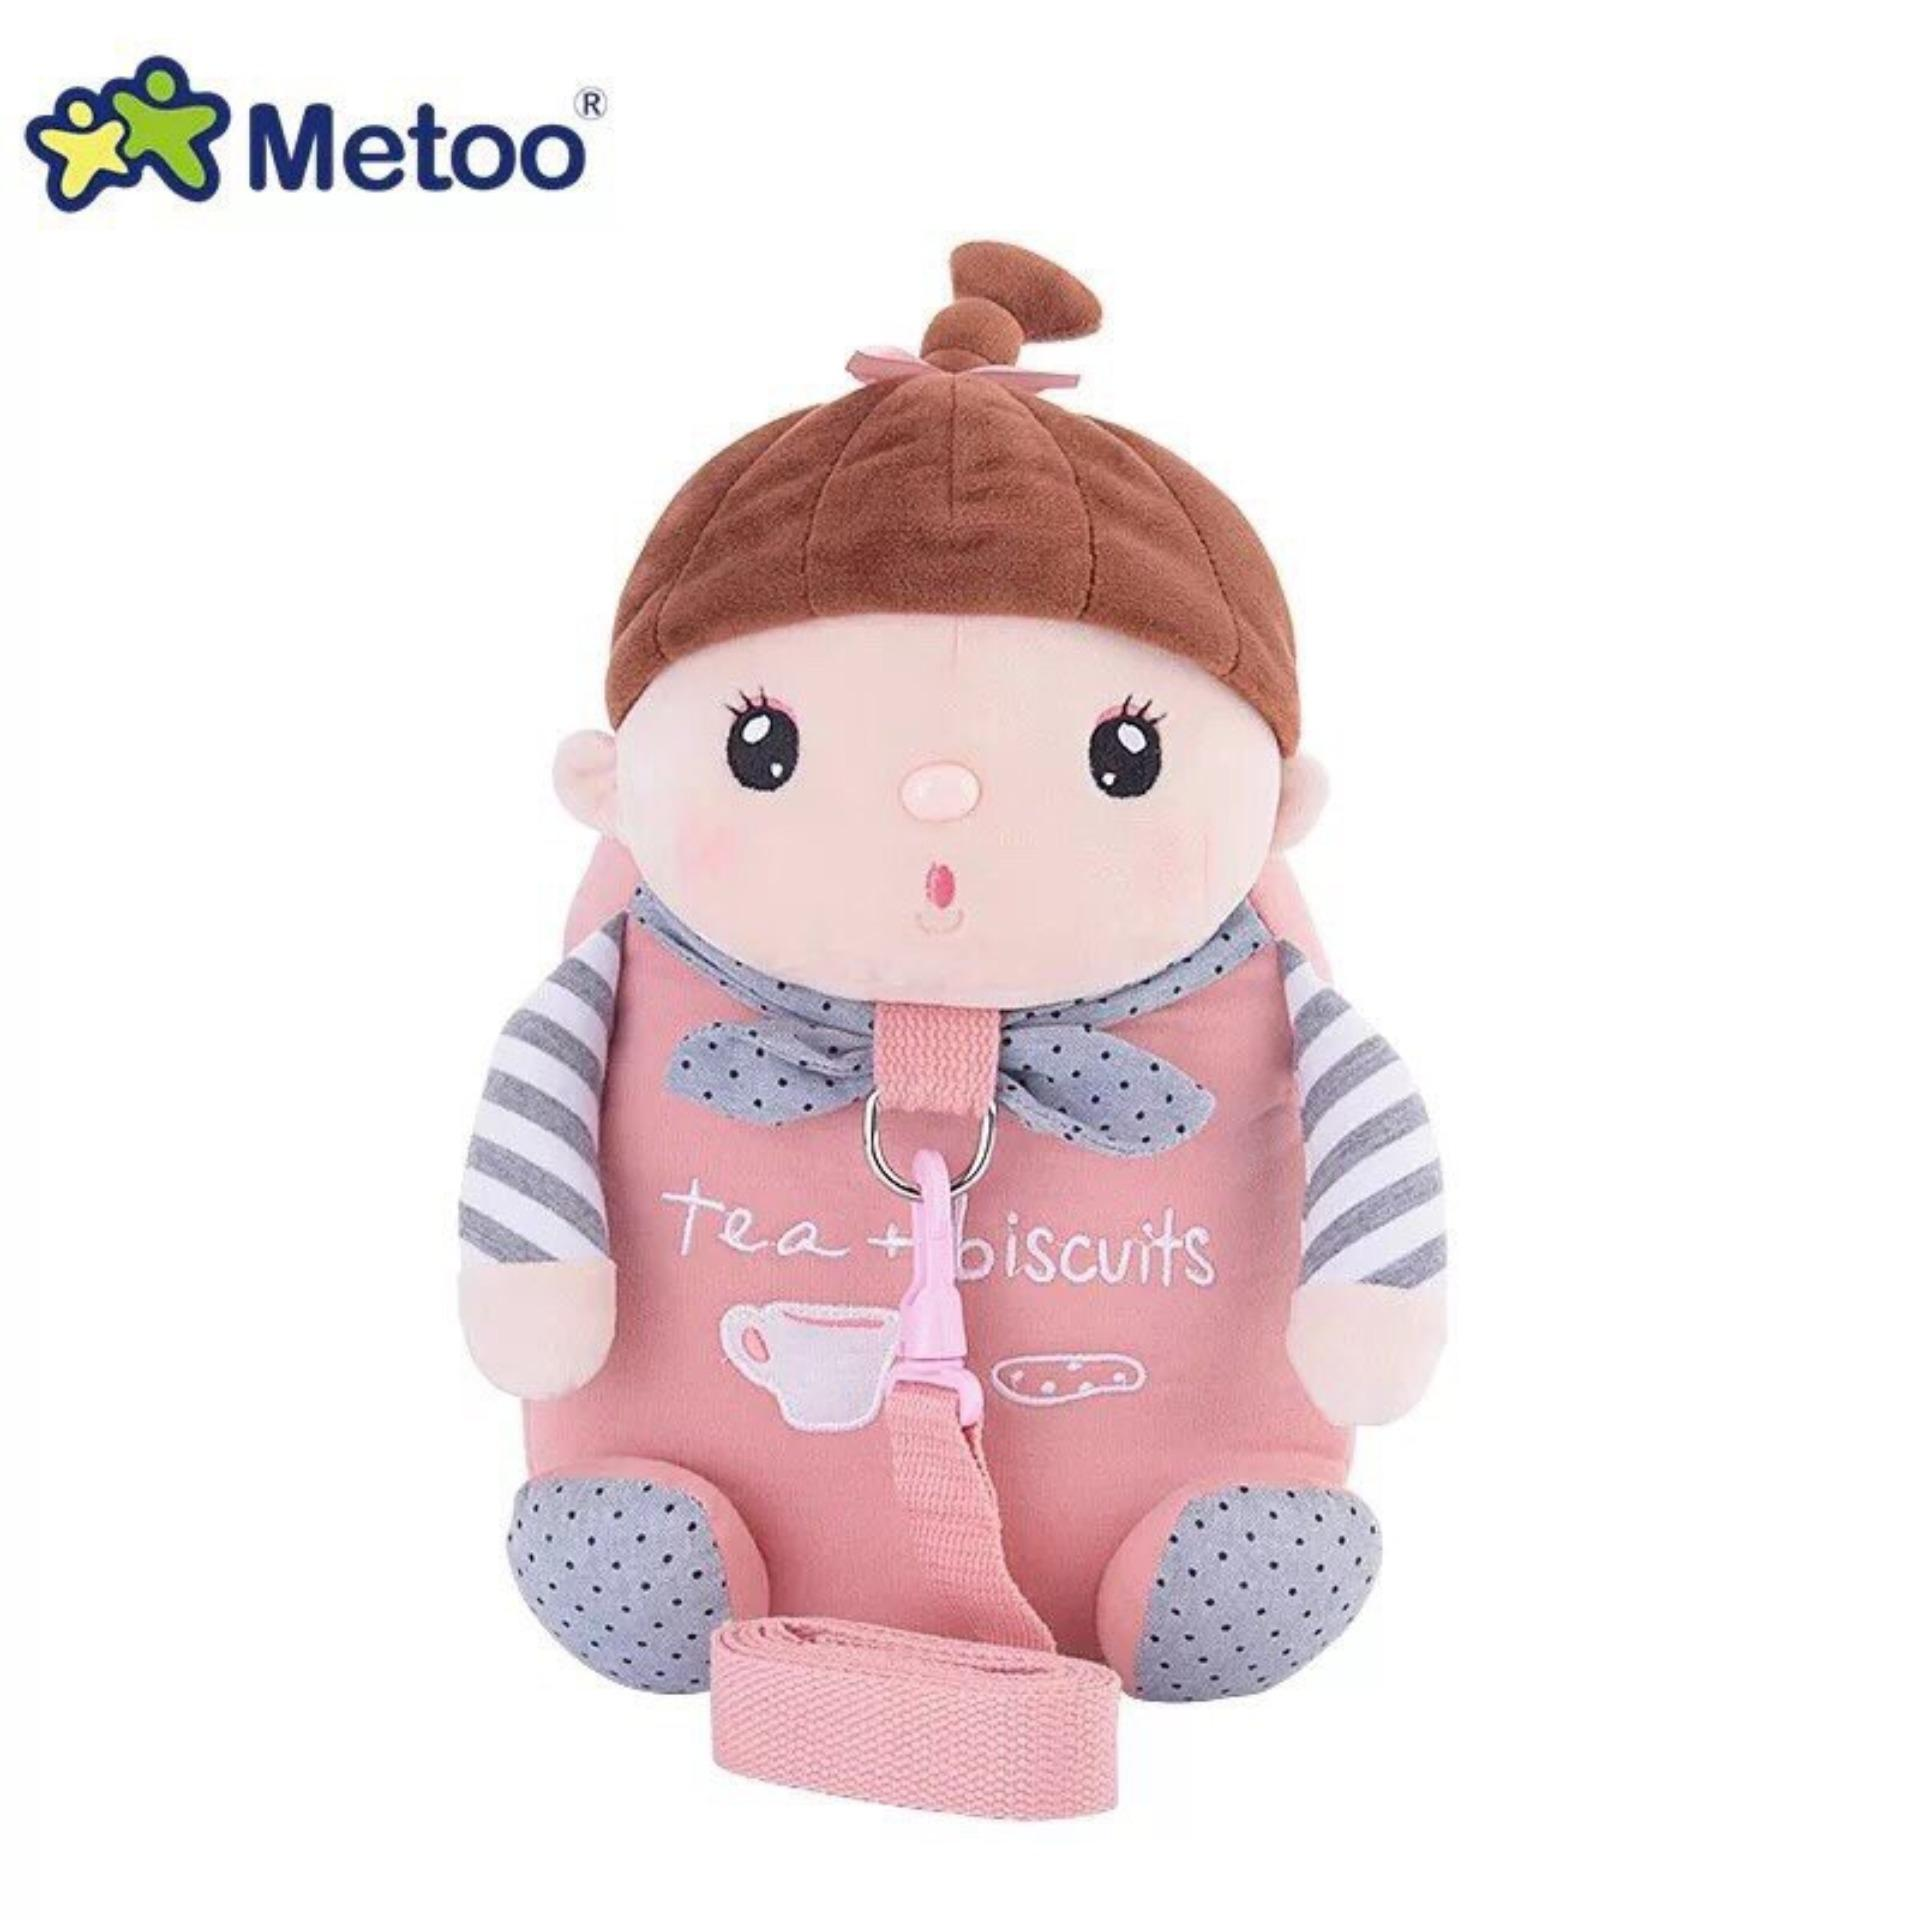 Giá bán Balo dắt bé Metoo siêu xinh cho bé trai/bé gái